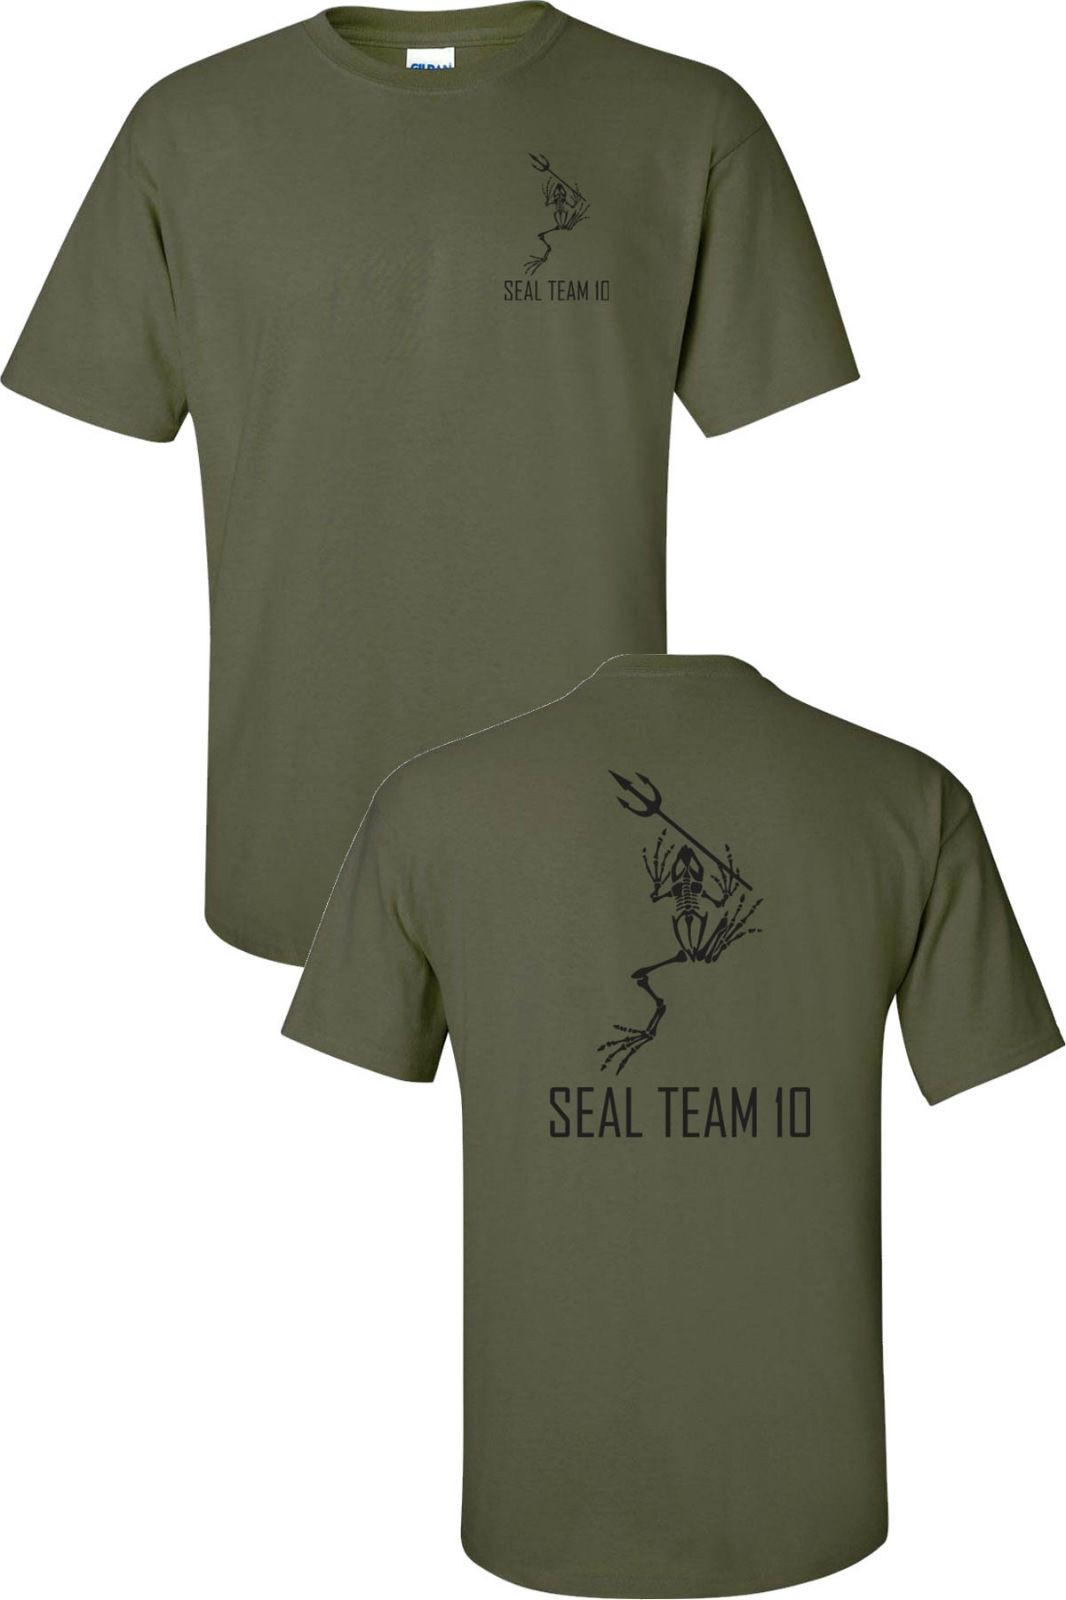 Camiseta de algodão de moda navy seals team 10 esqueleto sapo com lança impressa frente para trás t camisa masculina legal camisetas tops streetwear